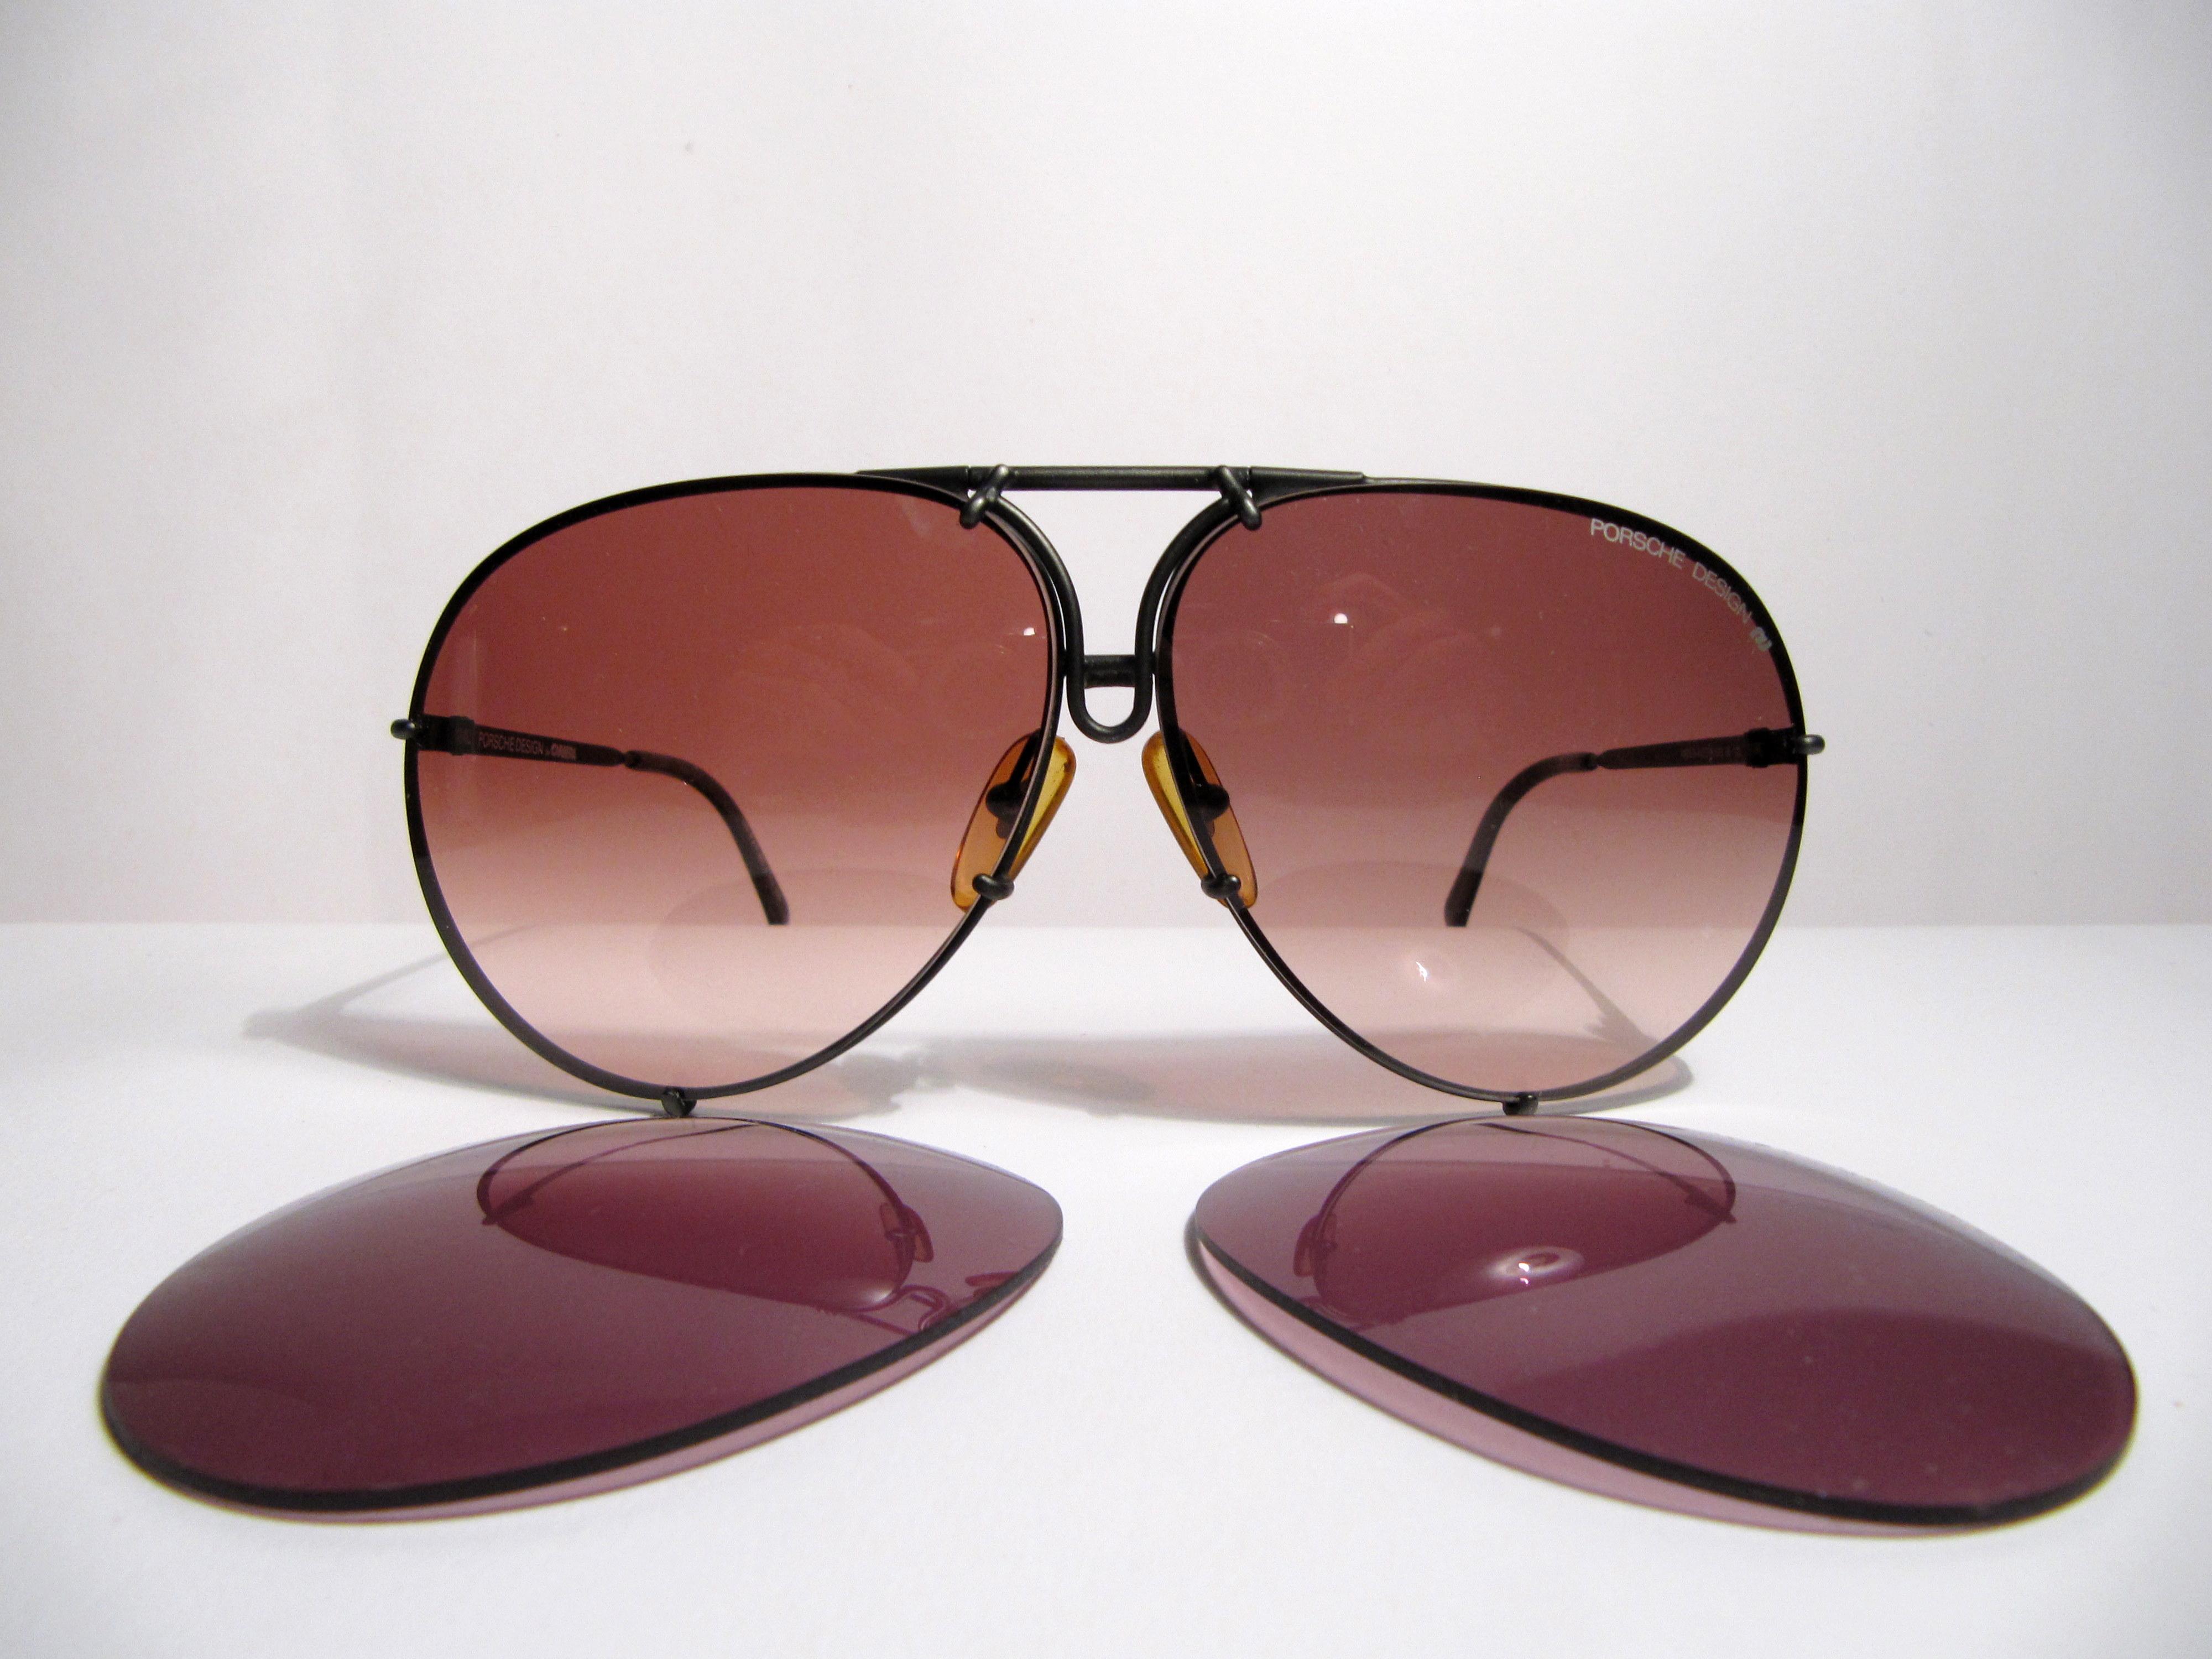 e86251c4e449 Porsche Sunglasses Aviator.Porsche Page 4. Aviator Porsche Design ...